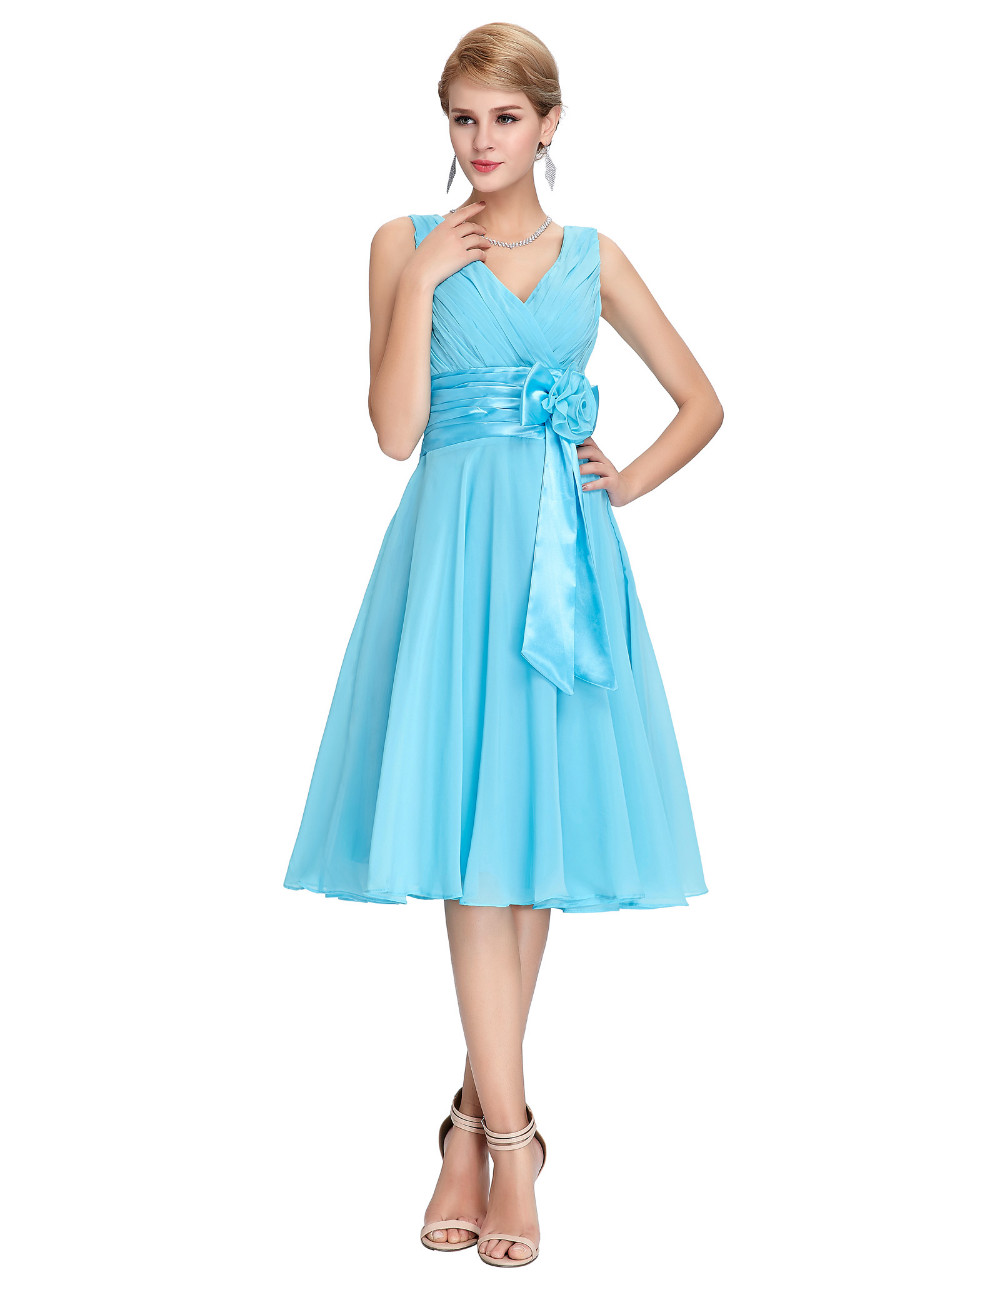 HTB1SWb.MVXXXXawXXXXq6xXFXXXiKnee Length Short Chiffon Blue Dress